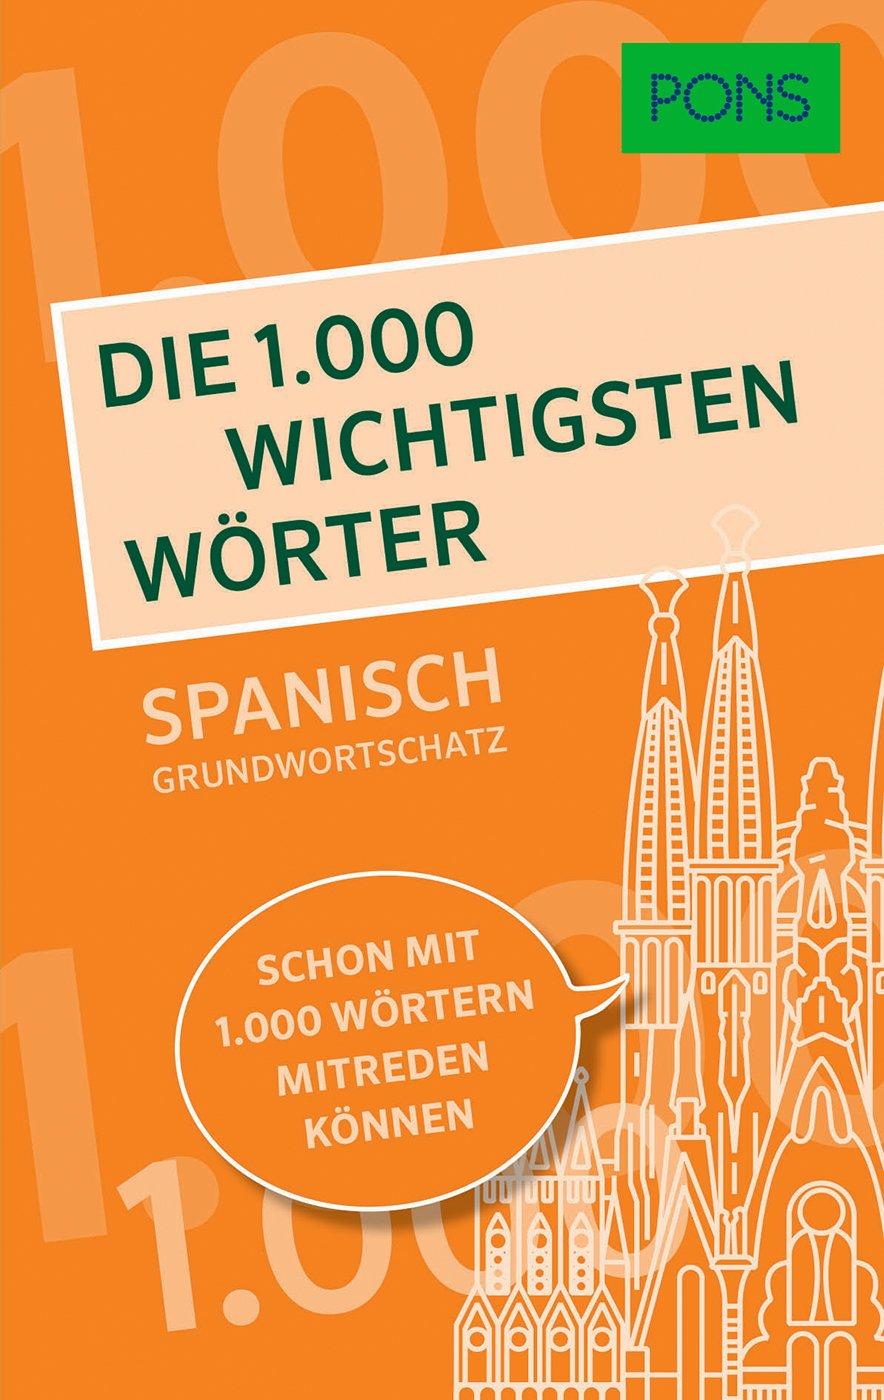 PONS Die 1.000 Wichtigsten Wörter   Spanisch Grundwortschatz  Schon Mit 1.000 Wörtern Mitreden Können